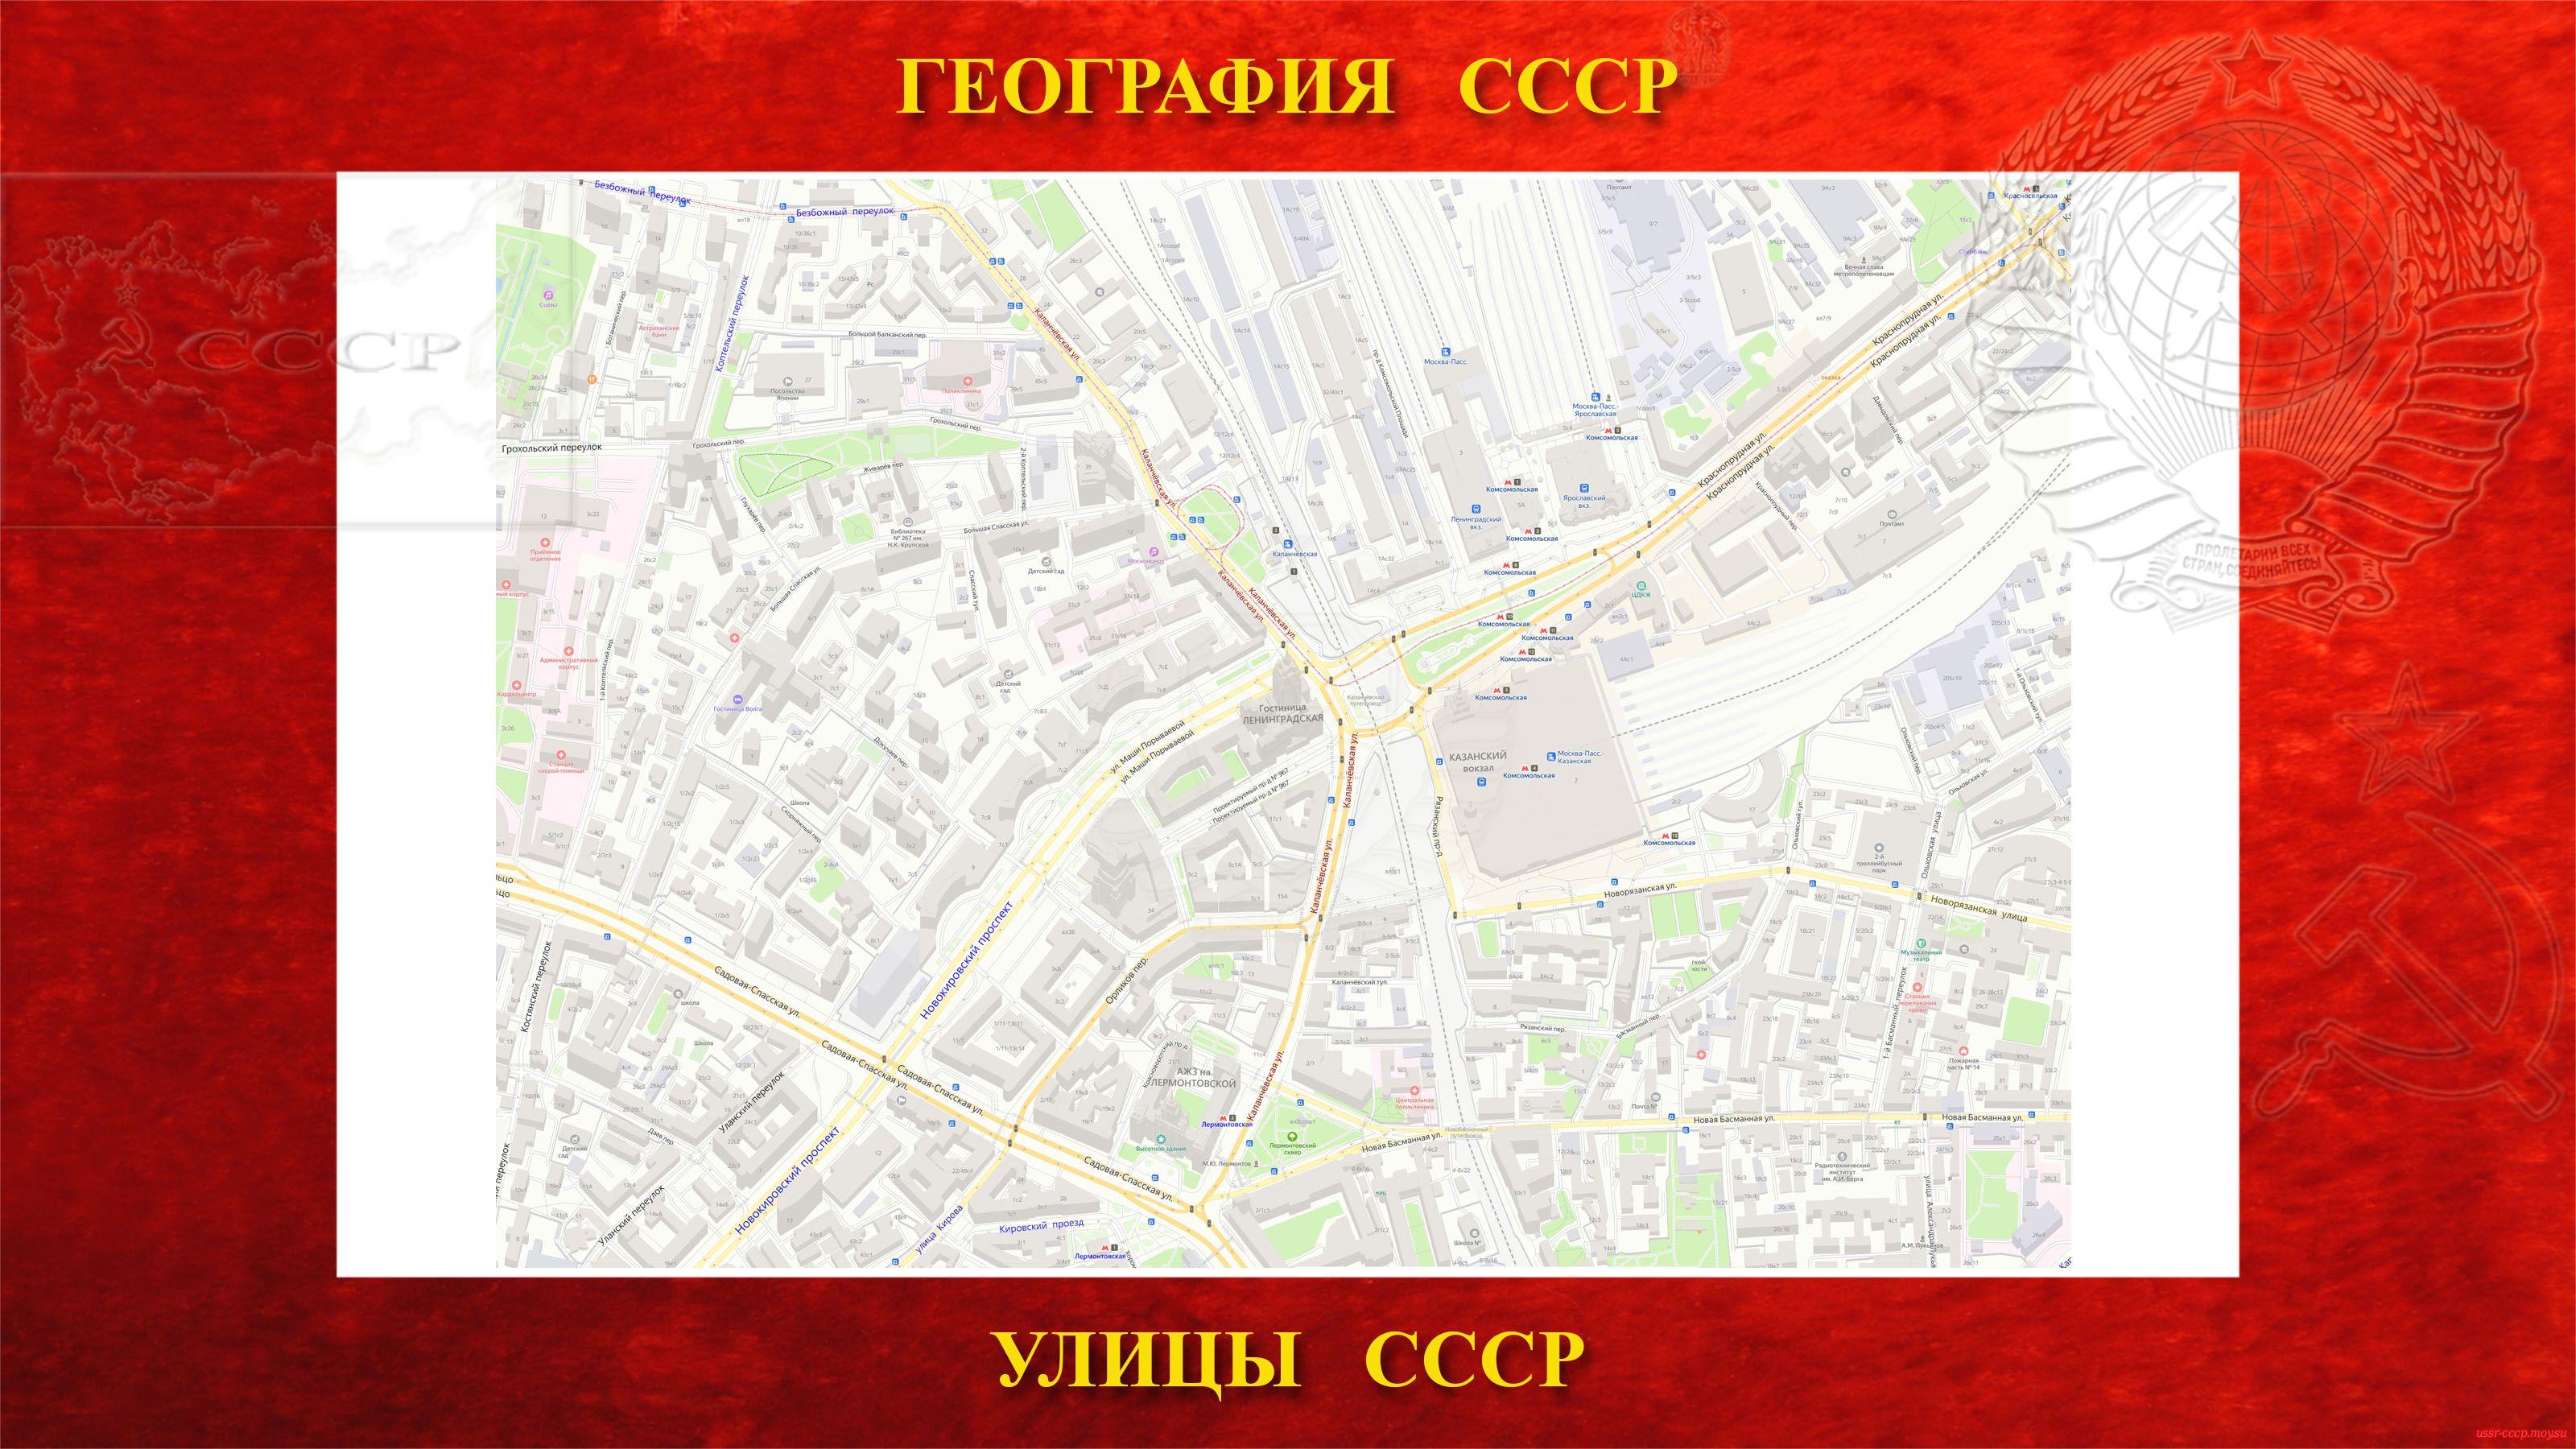 Каланчёвская — улица в центре Москвы